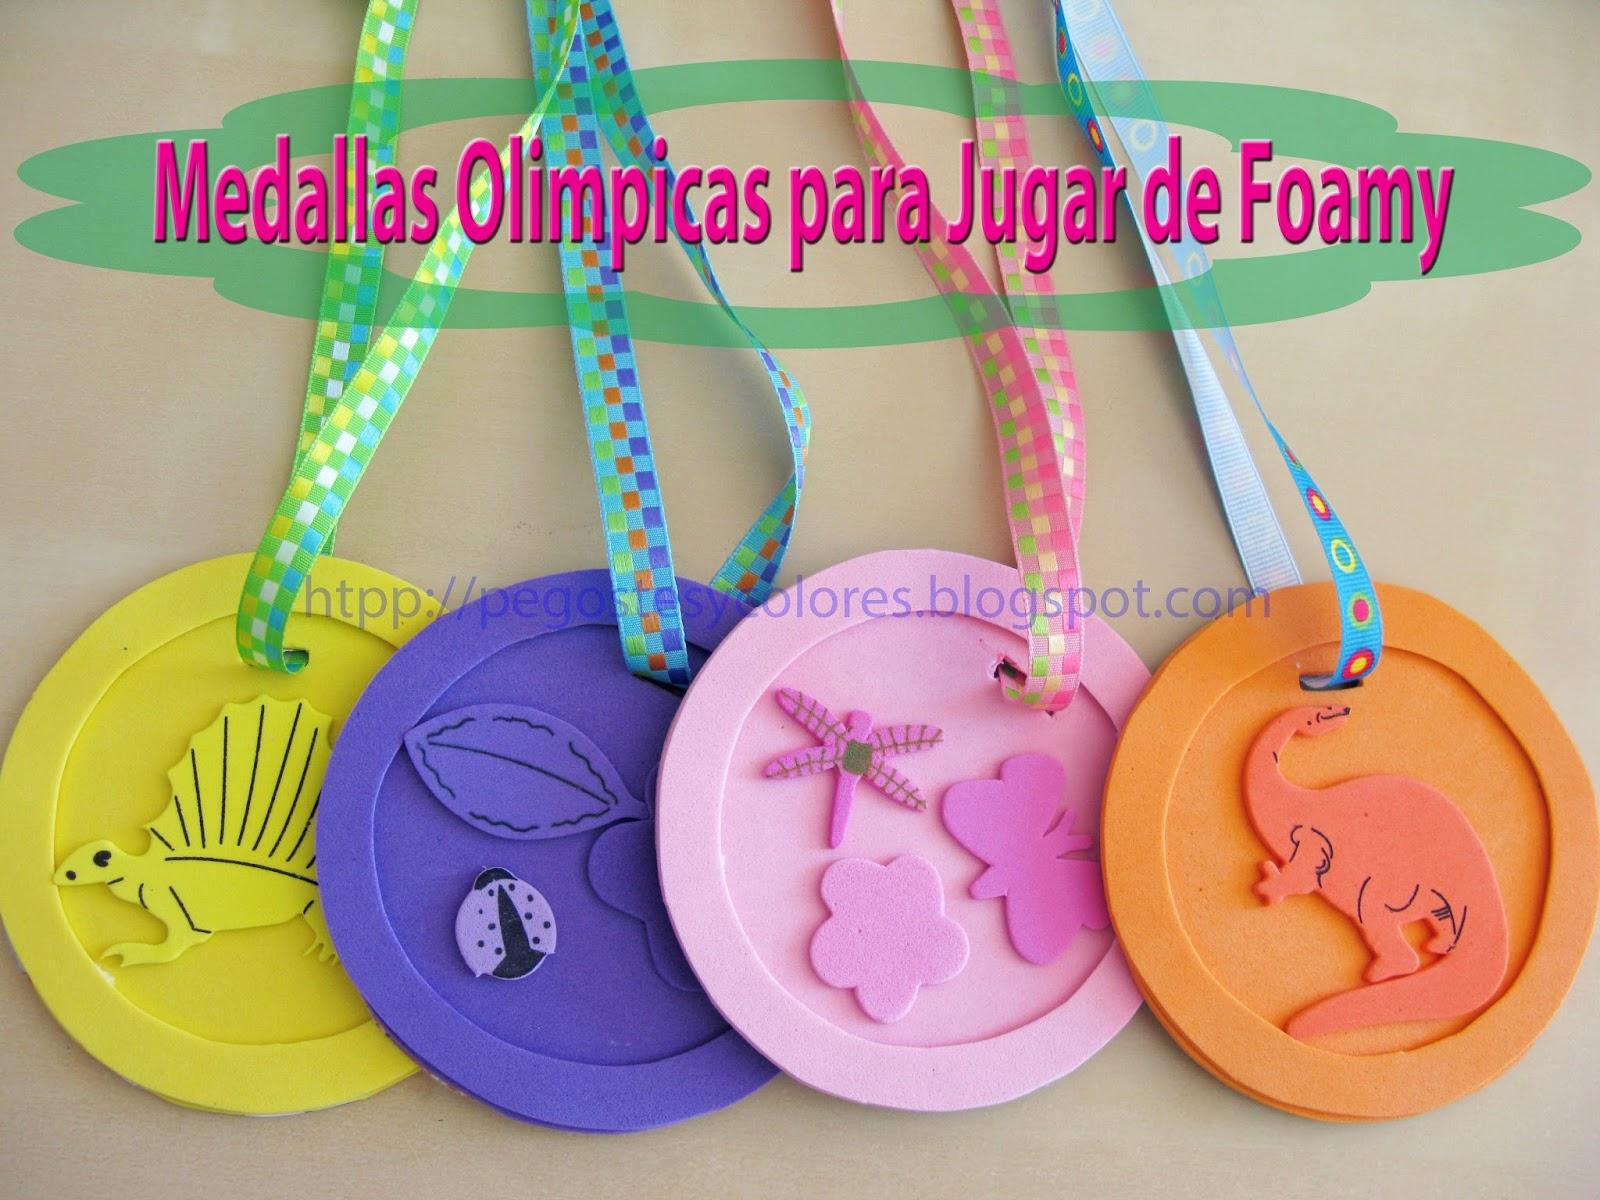 Pegostes y Colores: Medallas Olimpicas para Jugar de Foamy